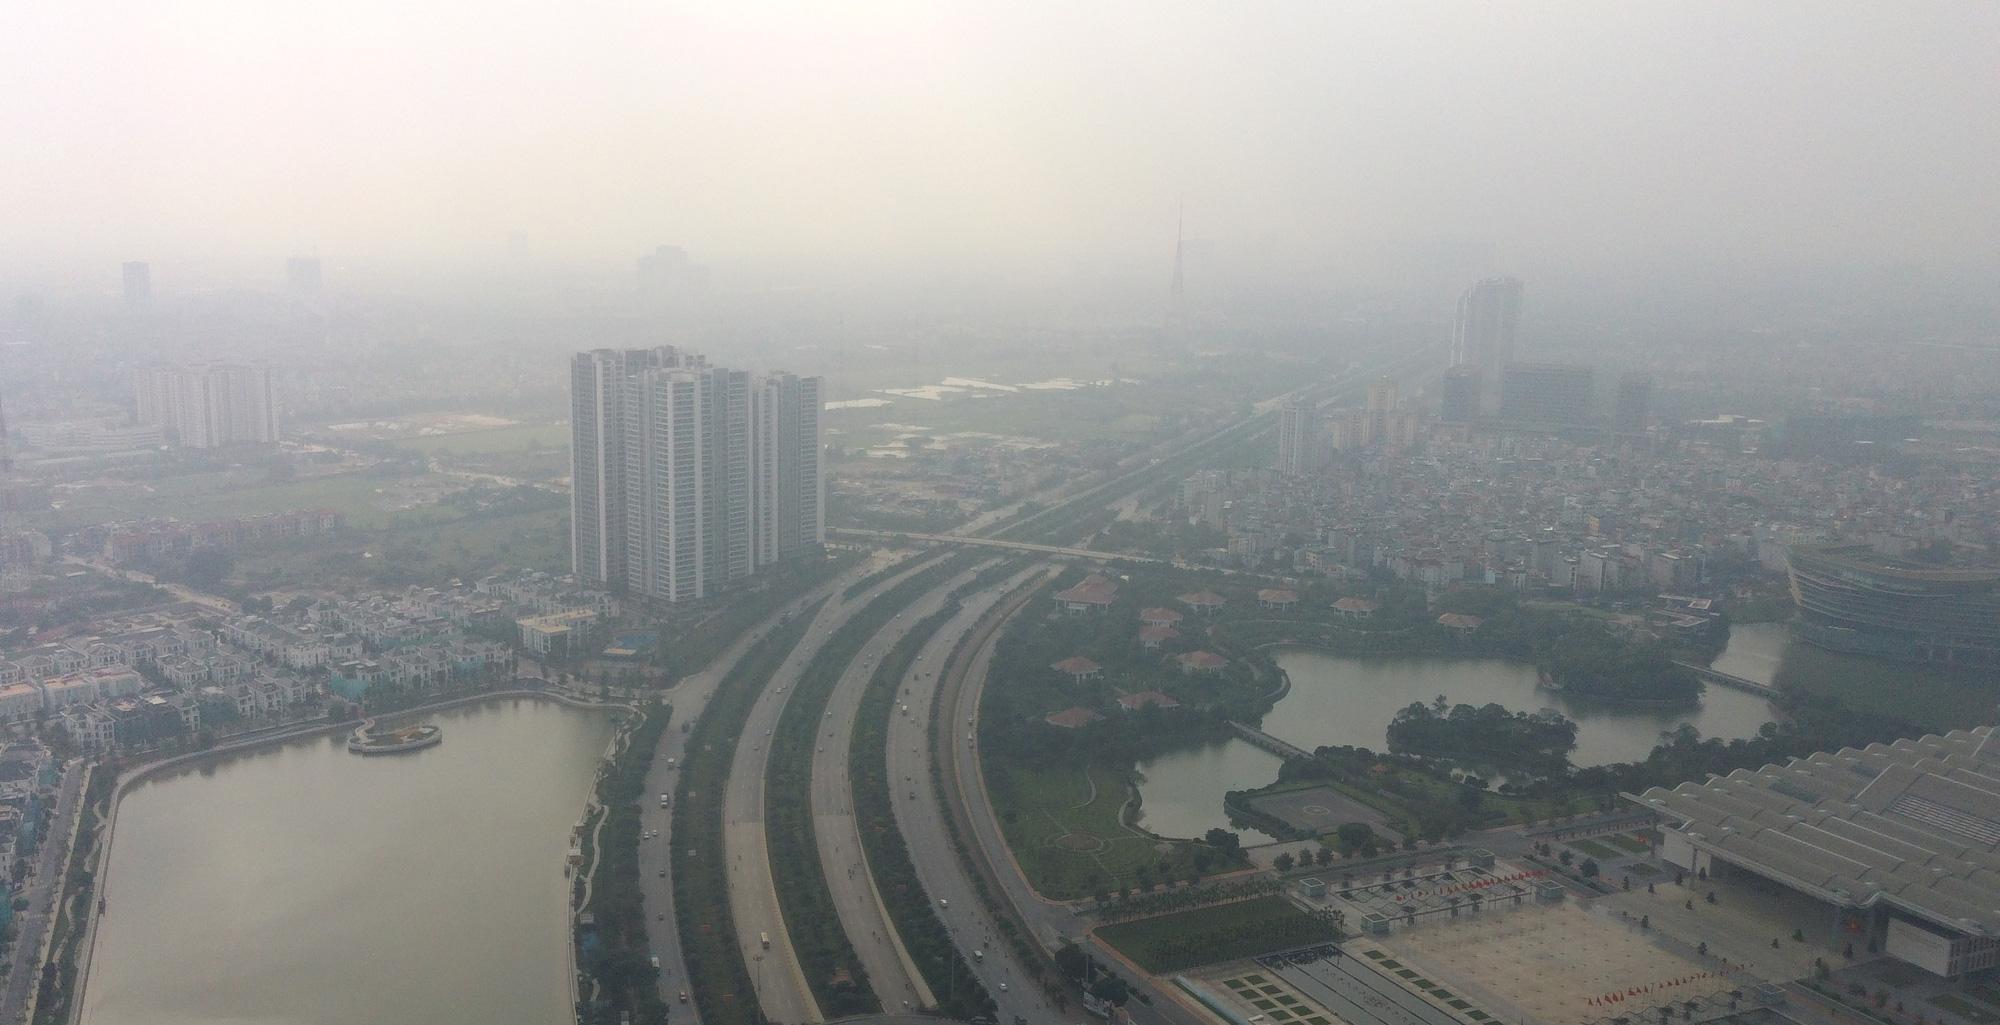 Chất lượng không khí tại Hà Nội hai tháng đầu năm 2020 chỉ có 7 ngày tốt - Ảnh 1.